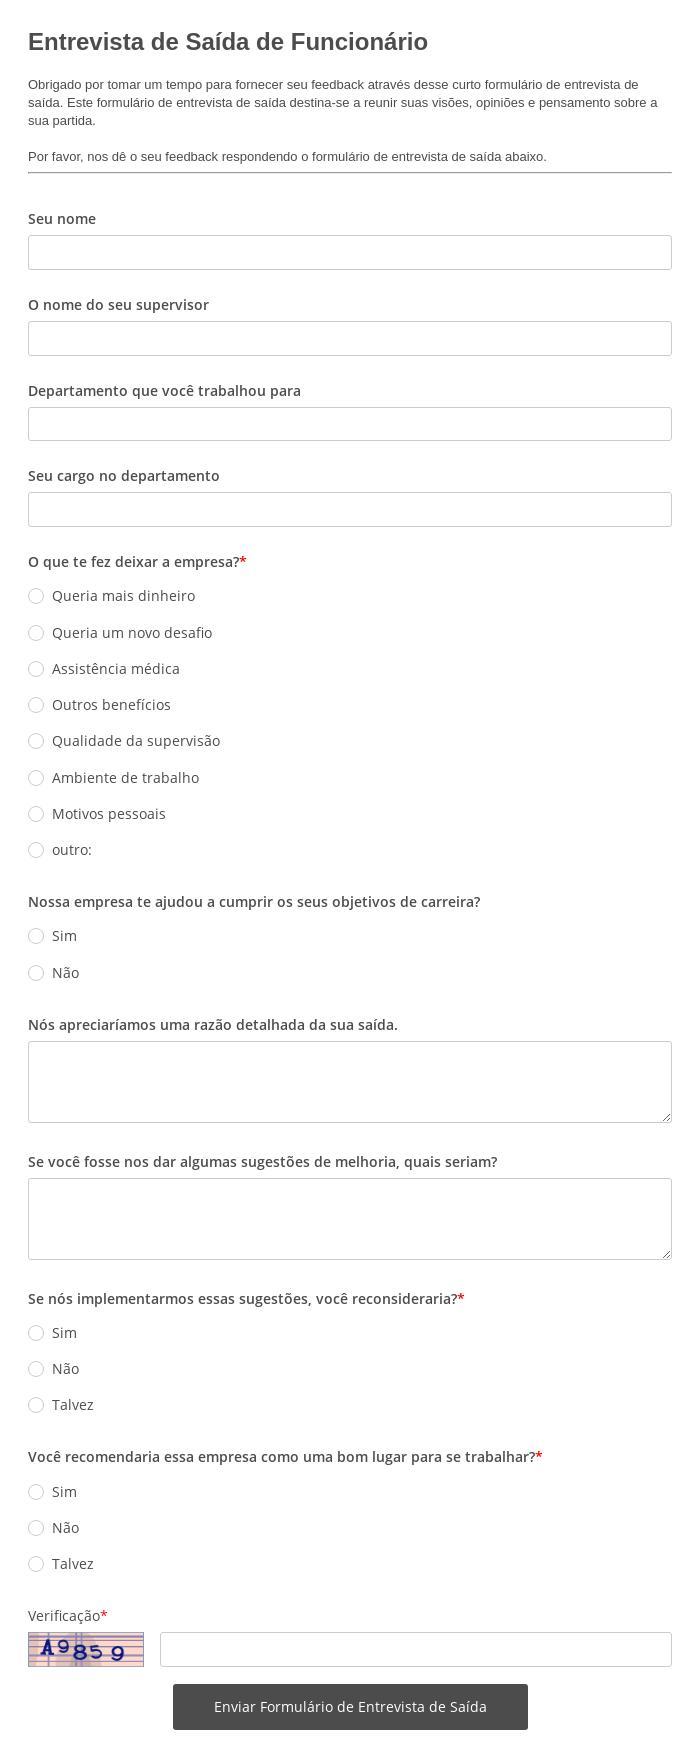 Entrevista de Saída de Funcionário